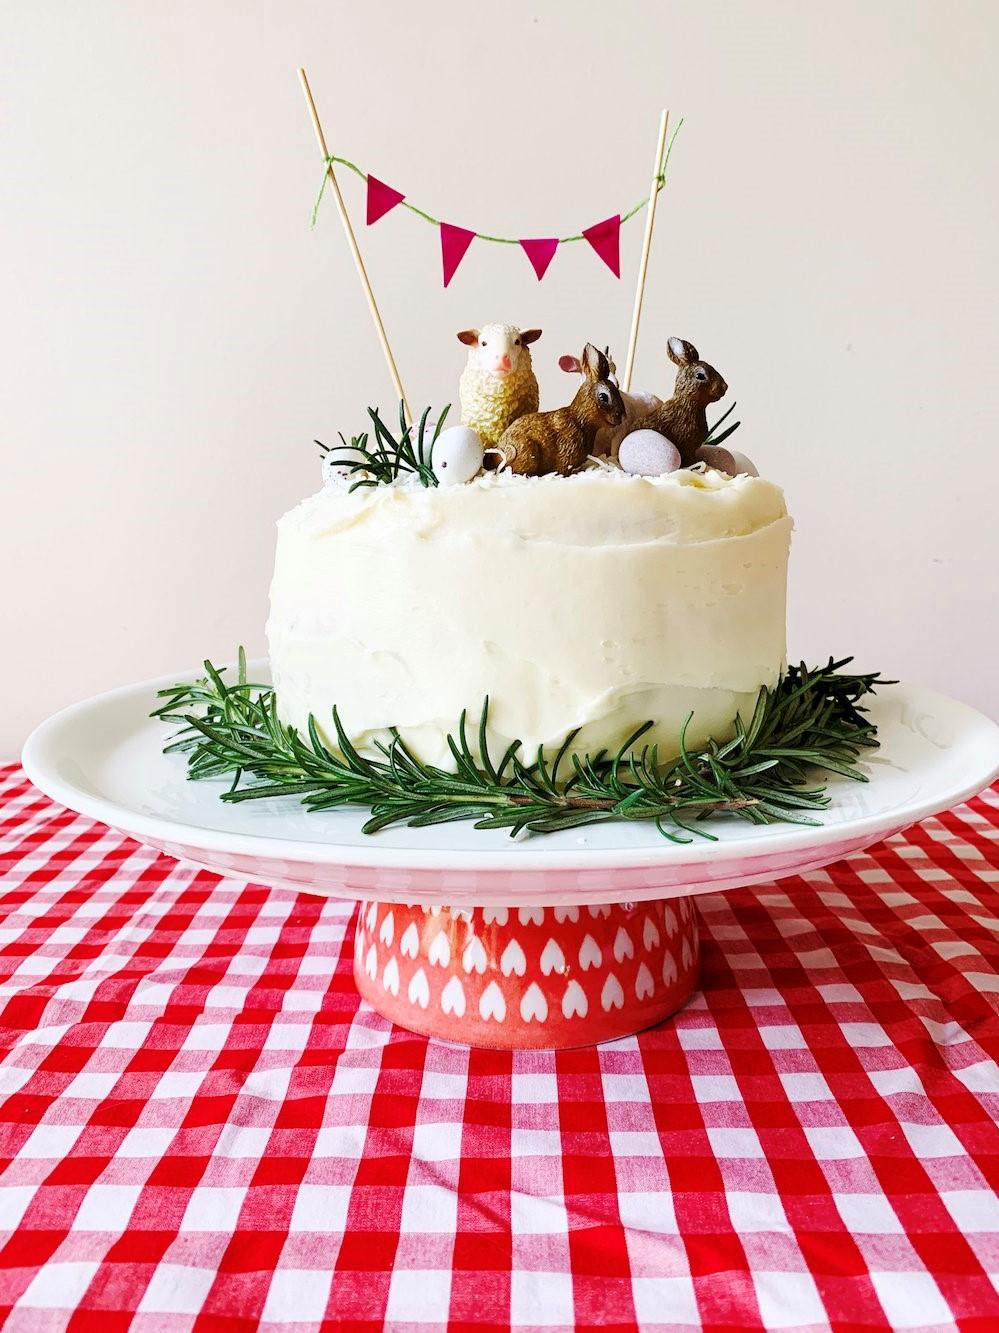 Gâteau créatif pour Pâques.